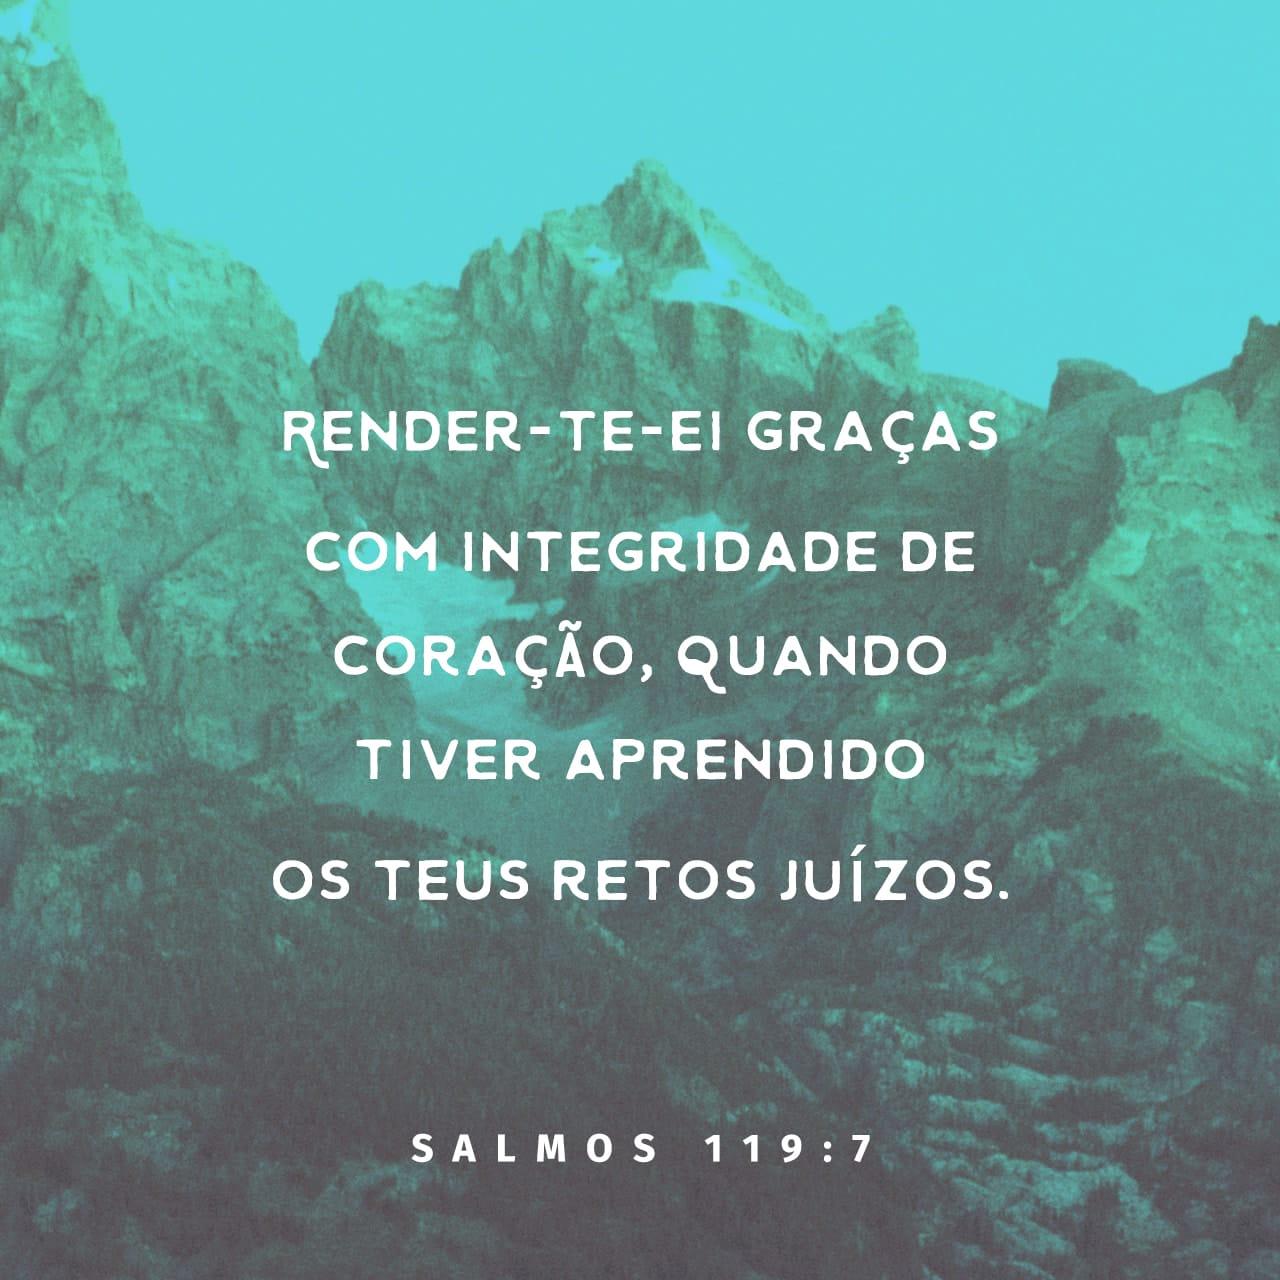 Salmos 119:7 Eu te louvarei de coração sincero quando aprender as tuas justas ordenanças.   Nova Versão Internacional Português (NVI-P)   Baixar o App da Bíblia agora